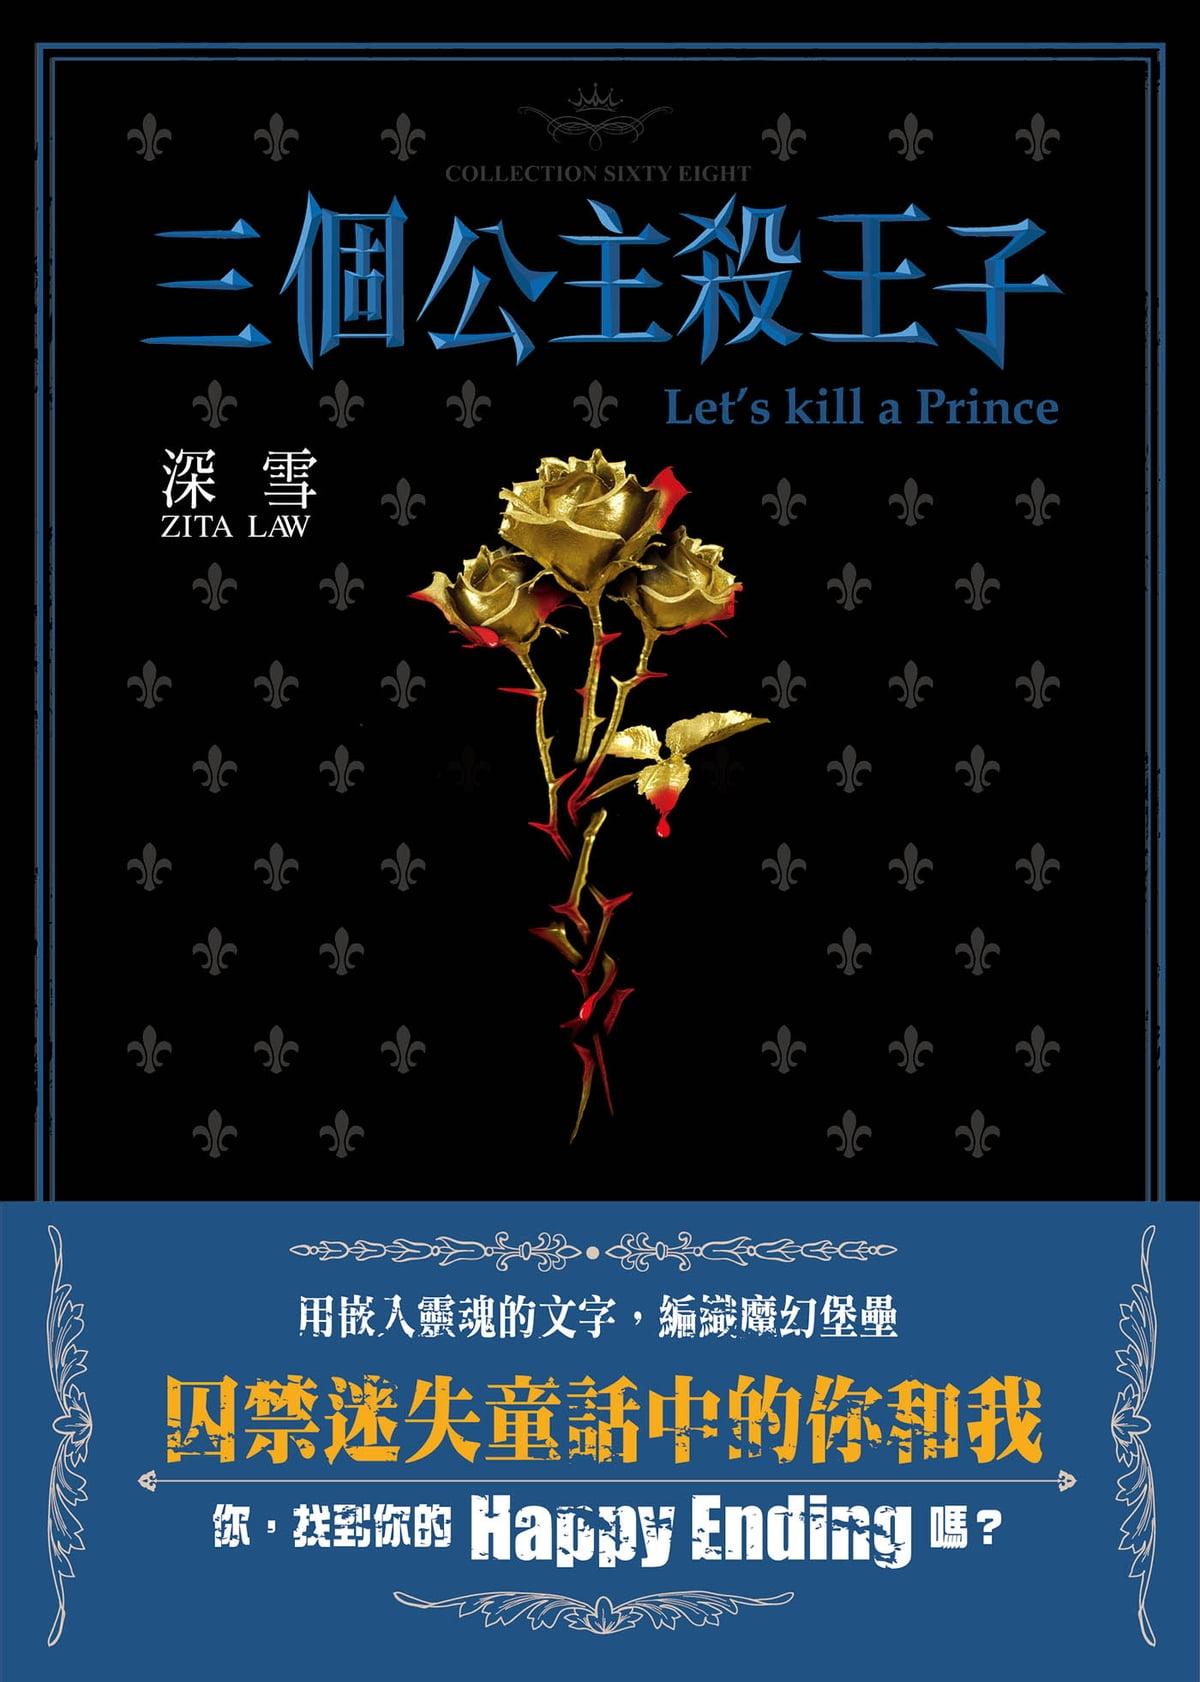 三個公主殺王子 電子書,分類依據 深雪 - 7397888276011 | Rakuten Kobo 臺灣